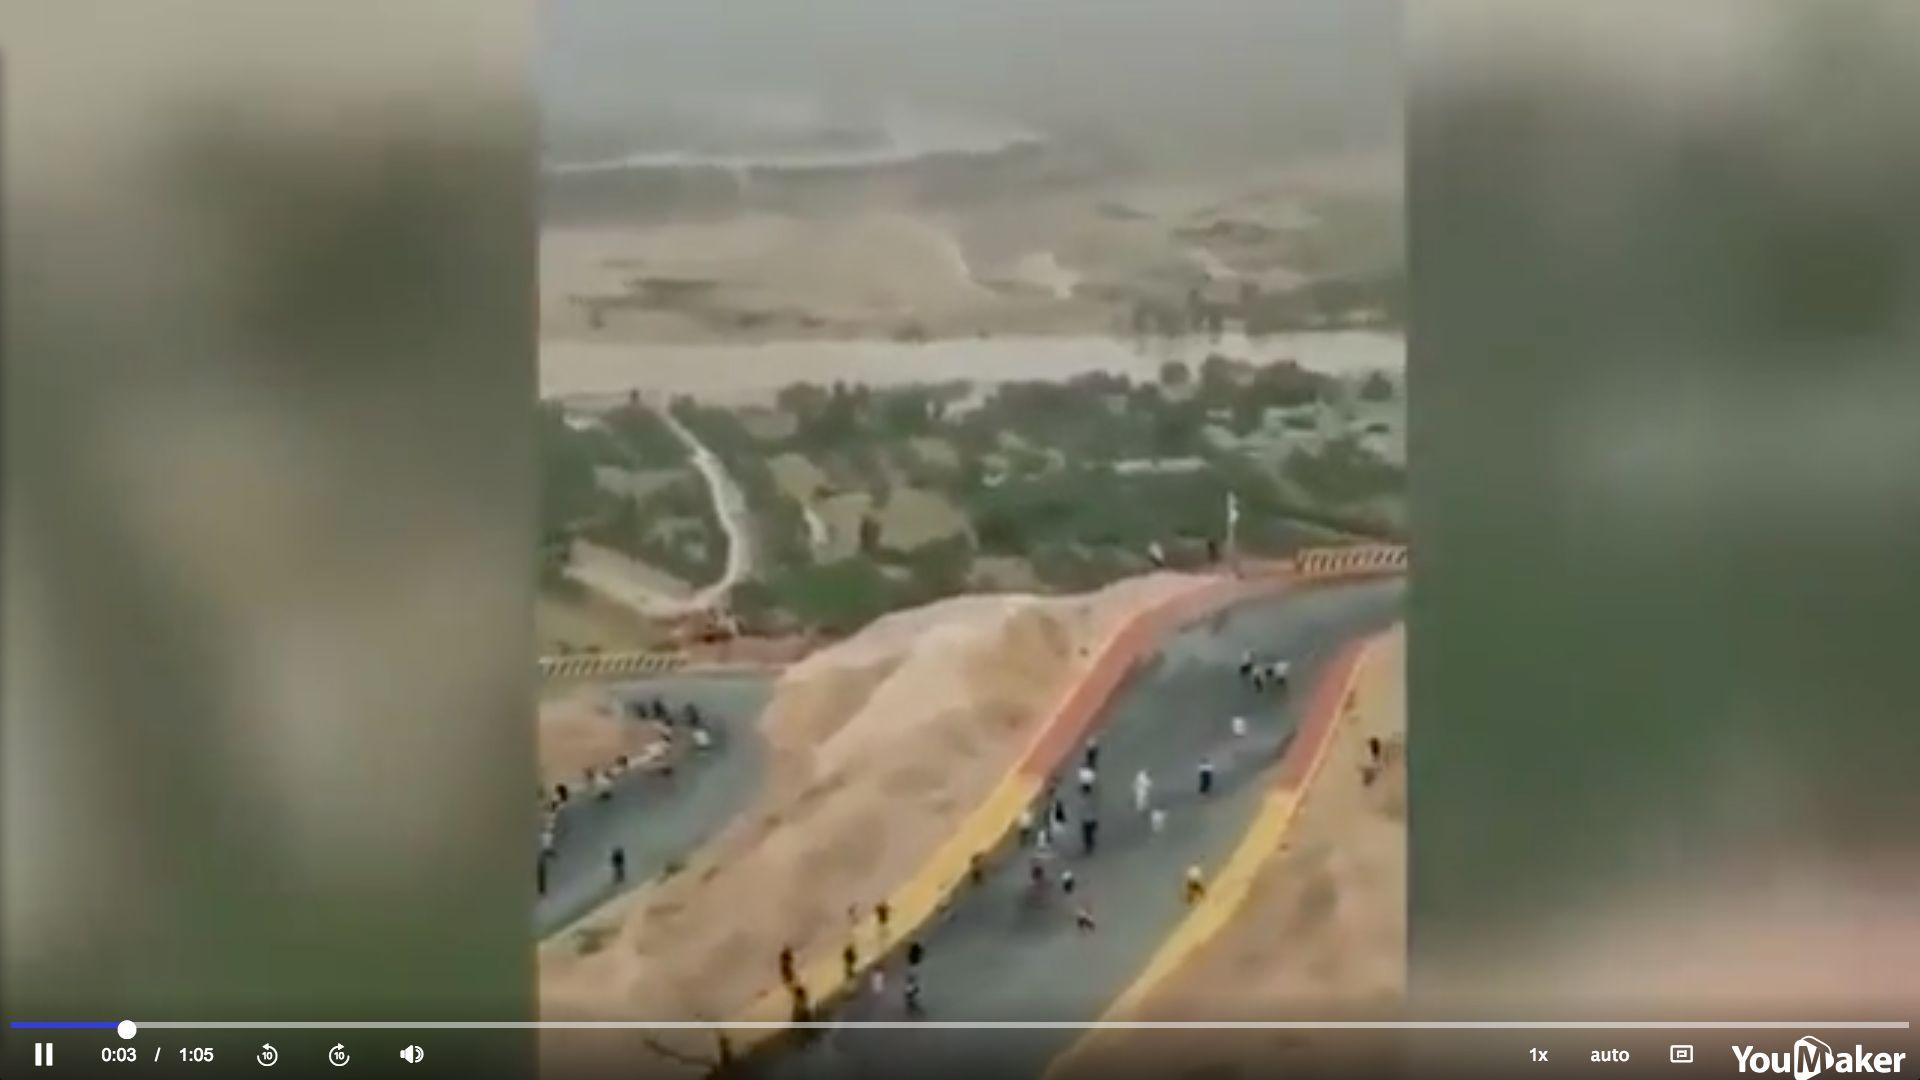 2021年5月22日,甘肅省白銀市山地馬拉松遇極端天氣,主辦方未就惡劣天氣做出預警,同時救援不力,導致21人遇難。(影片截圖)